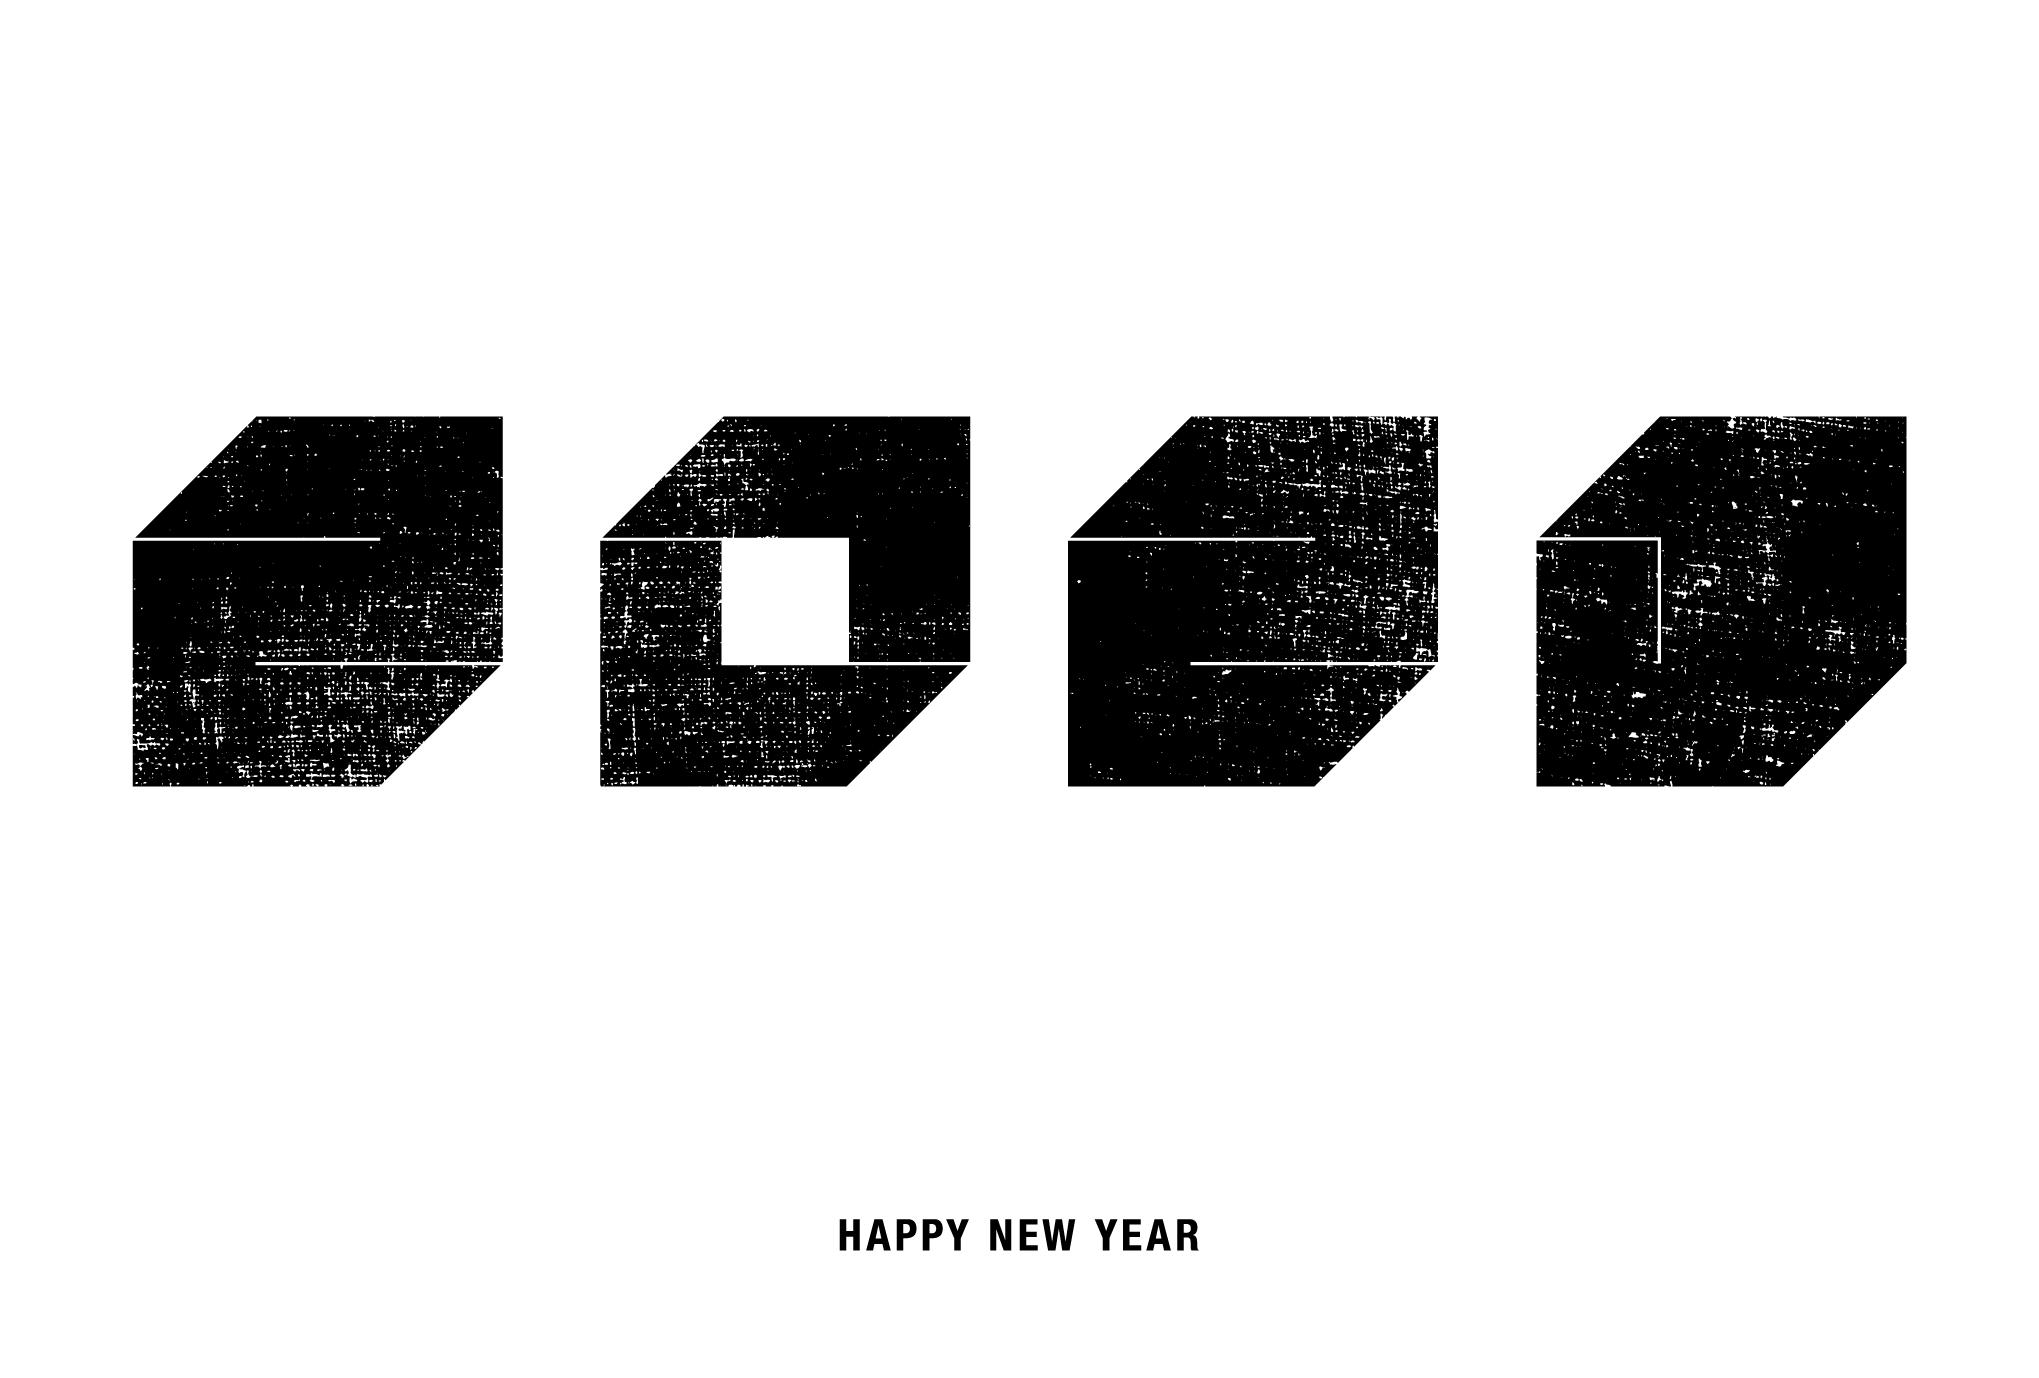 2021年賀状05-2:Square 2021 / 黒のダウンロード画像